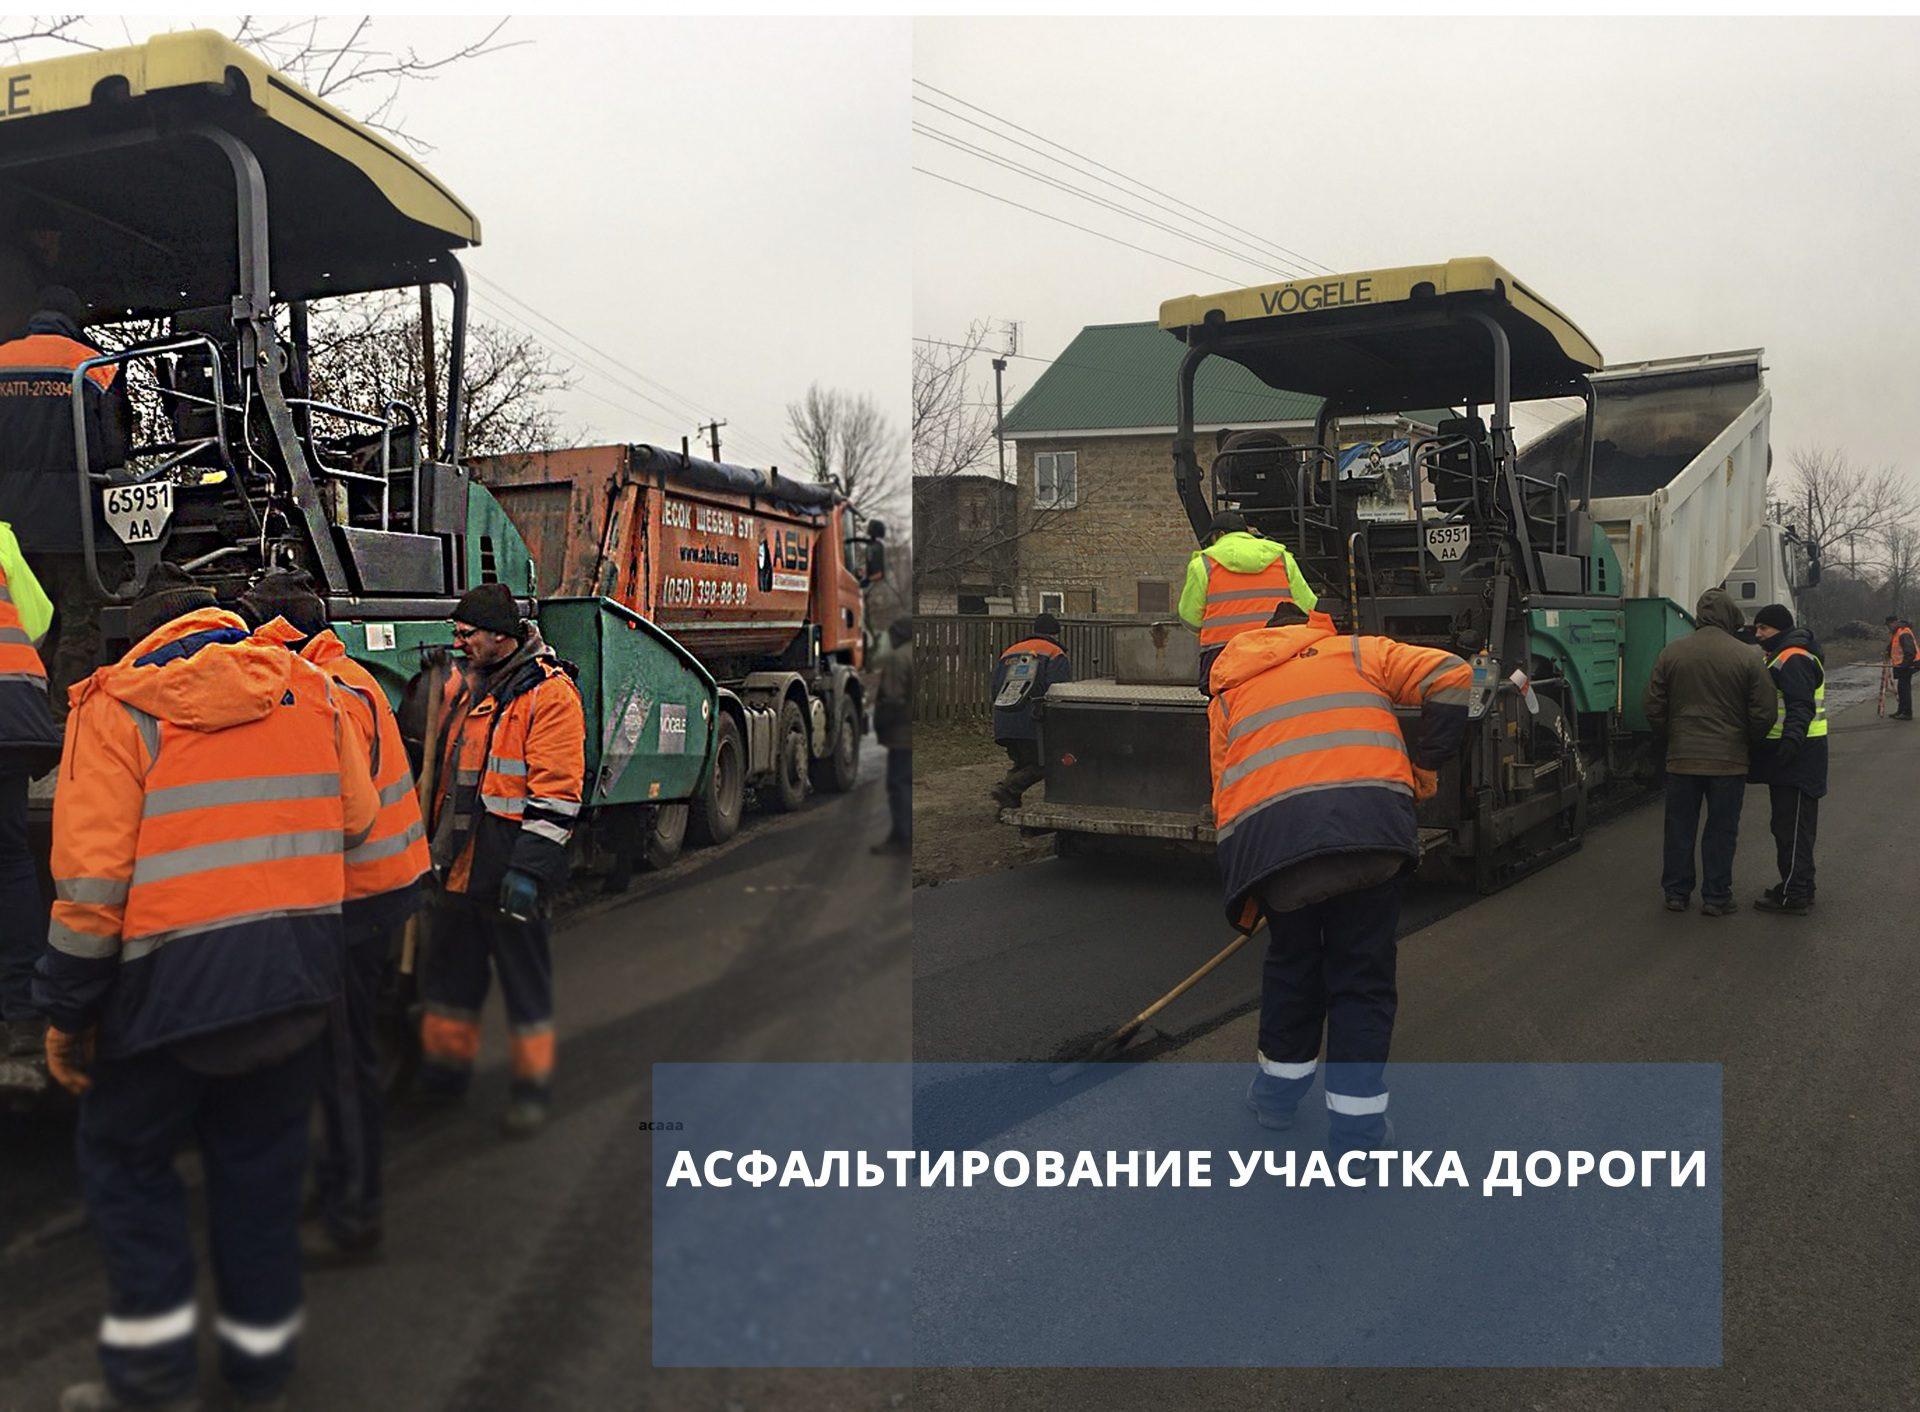 Асфальтирование участка дороги